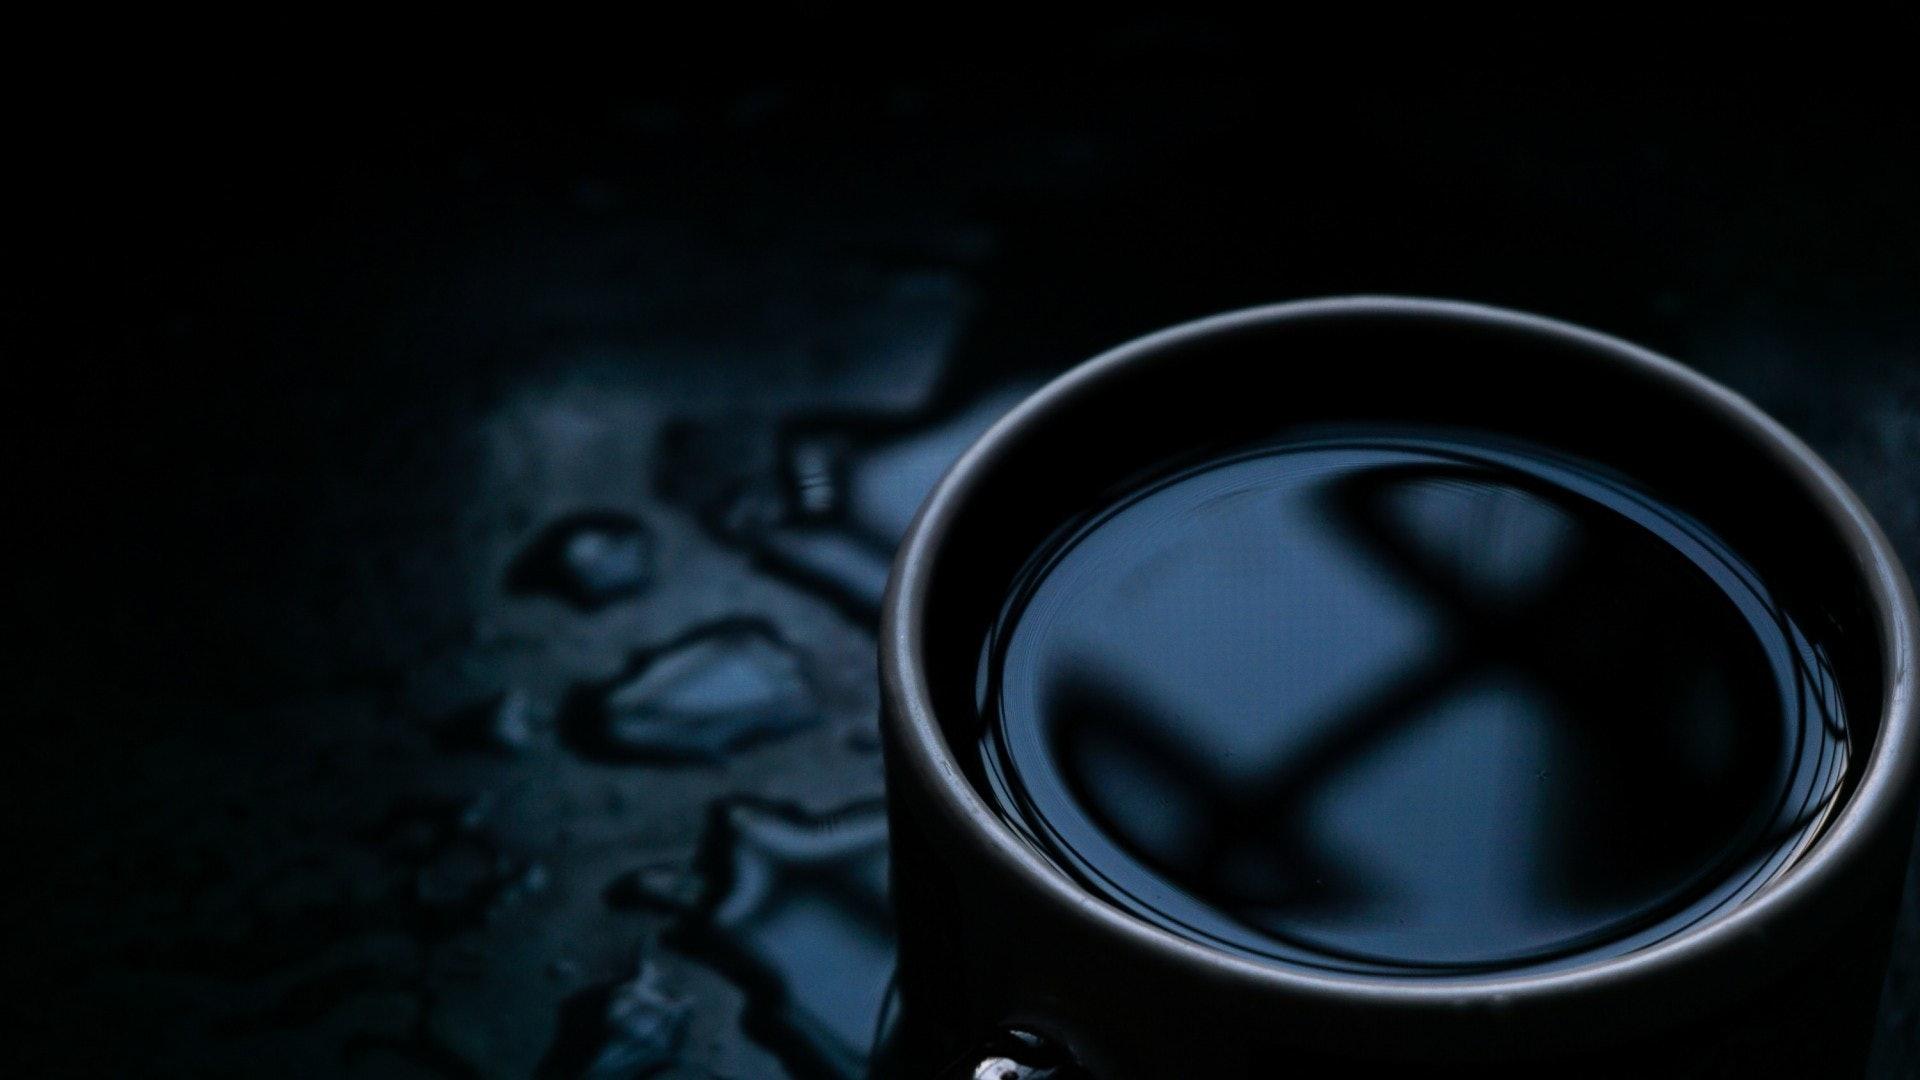 4.【每天用半茶匙鹽沖一杯暖水,漱口三次或以上】﹙sahil-singh/unsplash﹚